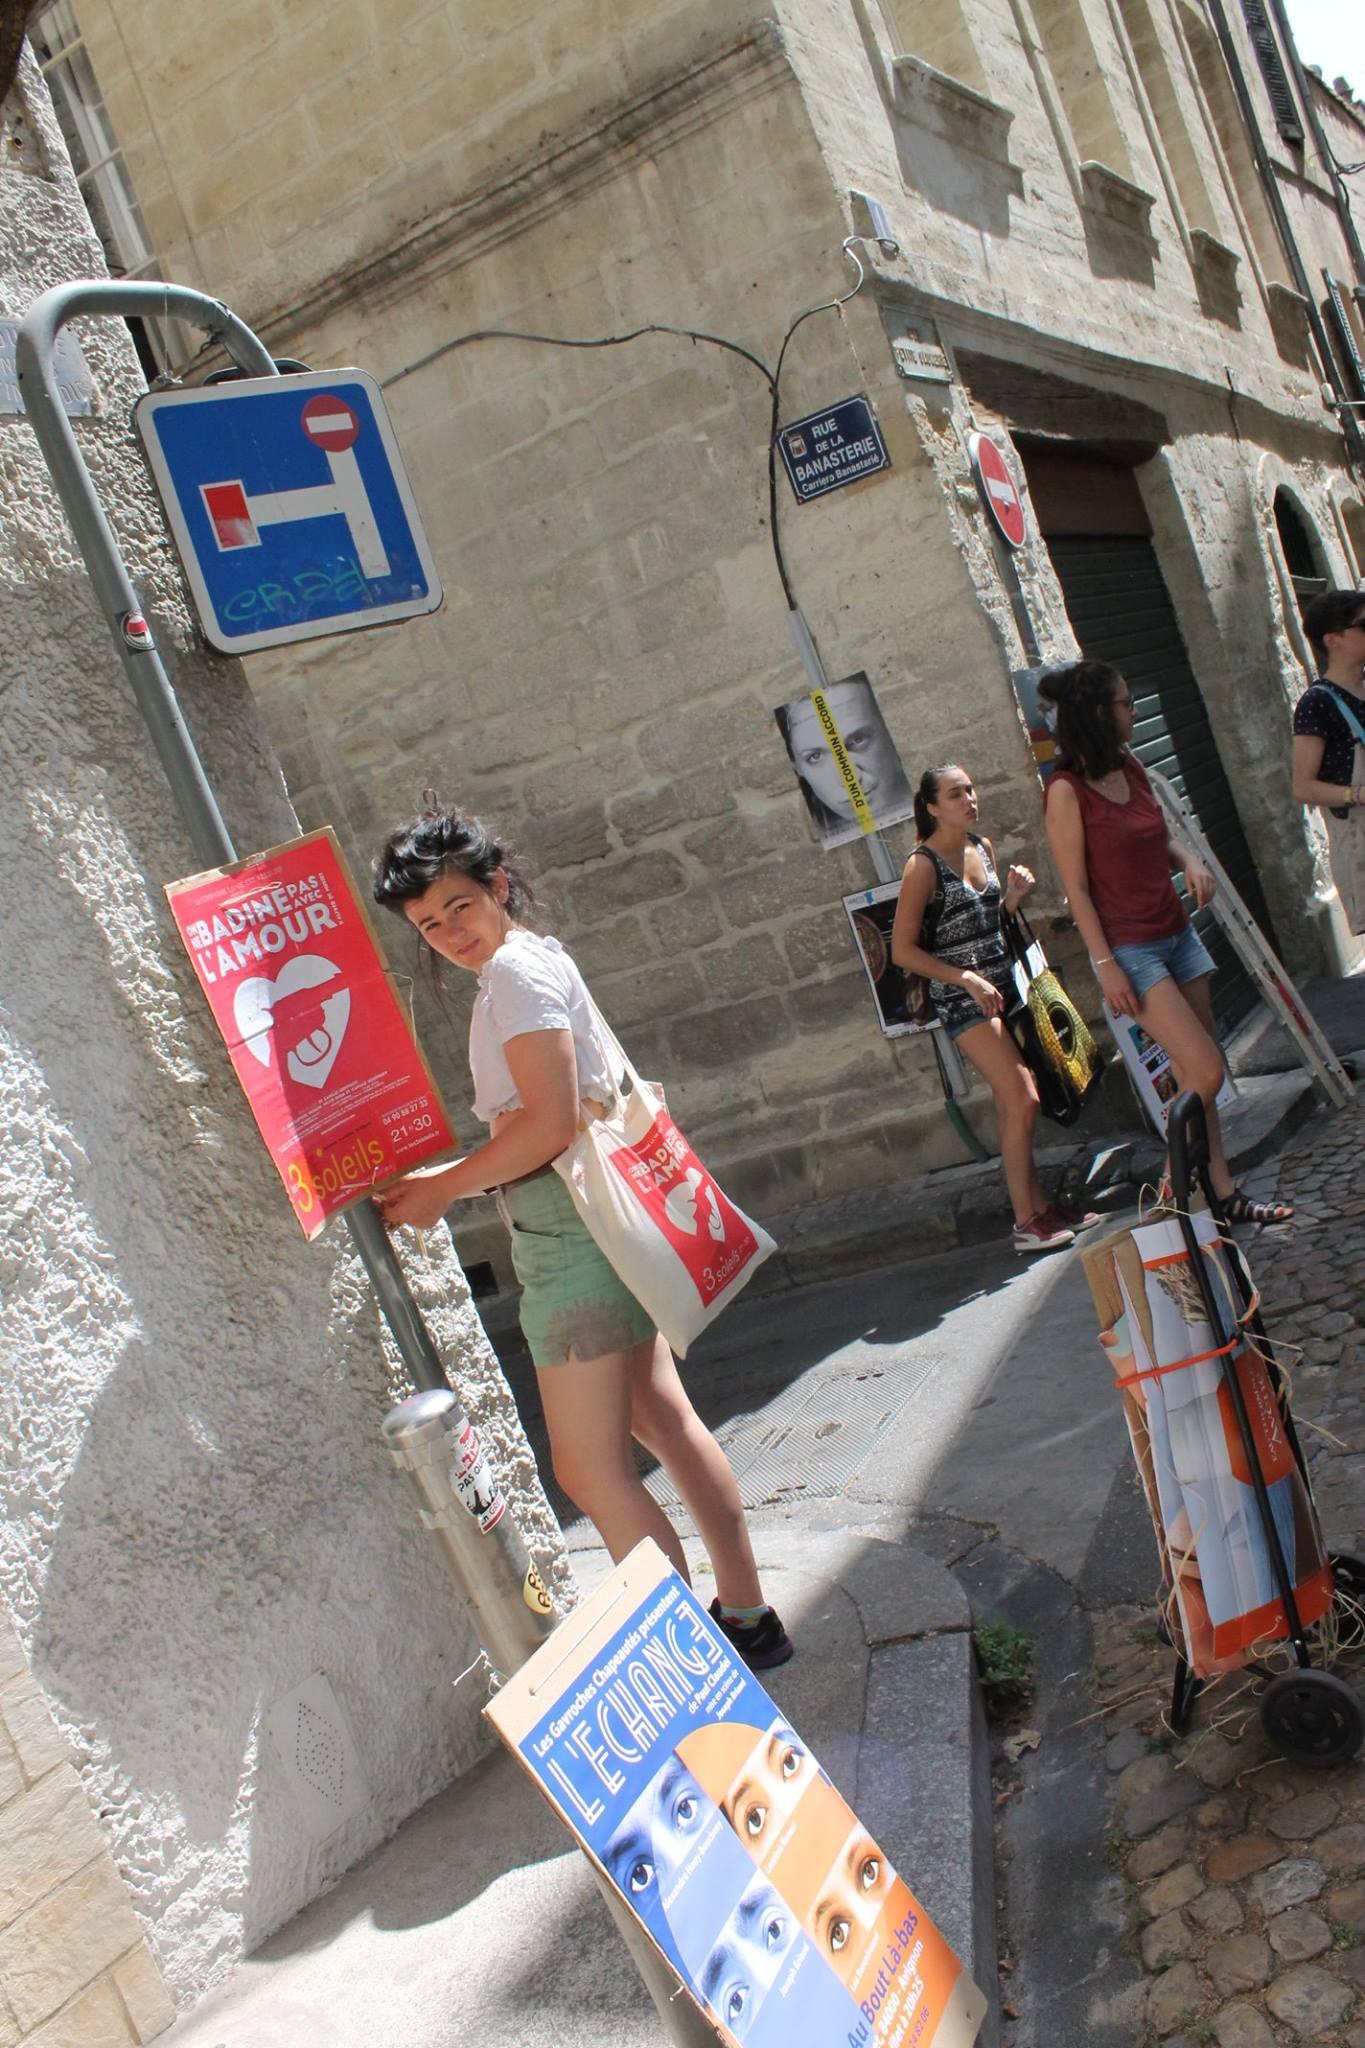 On ne badine pas avec l'amour, pièce de la compagnie la Vie est Ailleurs. Michaël Petit de Petit(à)Petit est spécialisé dans la communication visuelle, print et web. Logos, affiches, flyers, cartes de visite, plaquettes, brochures, signalétique, sites internet Petit(à)Petit crée tout ce dont vous avez besoin pour votre communication. C'est en même temps une agence de communication, un graphiste, un directeur artistique, un webdesigner basé à Pornichet, Saint-Nazaire, Nantes, Loire Atlantique, France, île de la Réunion, Paris. J'utilise illustrator, photoshop et indesign ainsi que Adobe Première et Final cut pour le montage vidéo